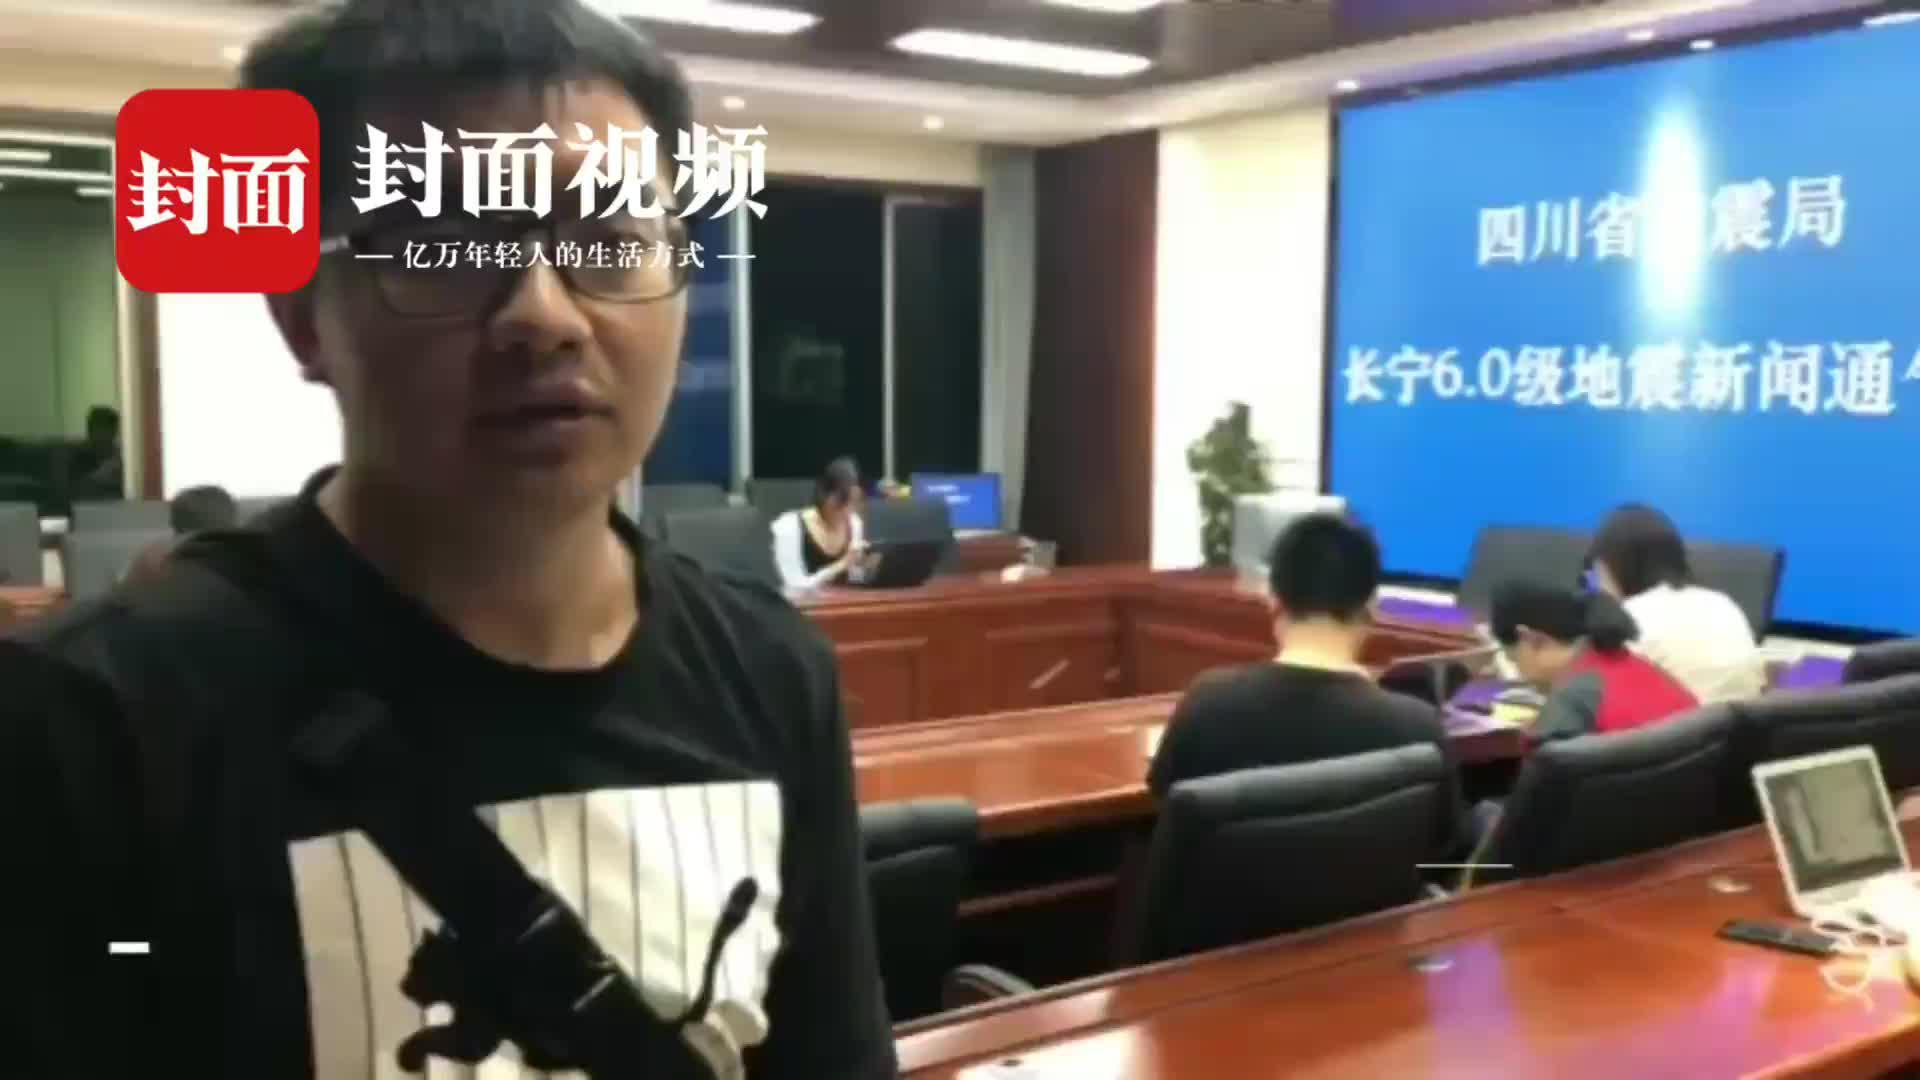 视频:四川省地震局长宁6.0级地震新闻通气会现场